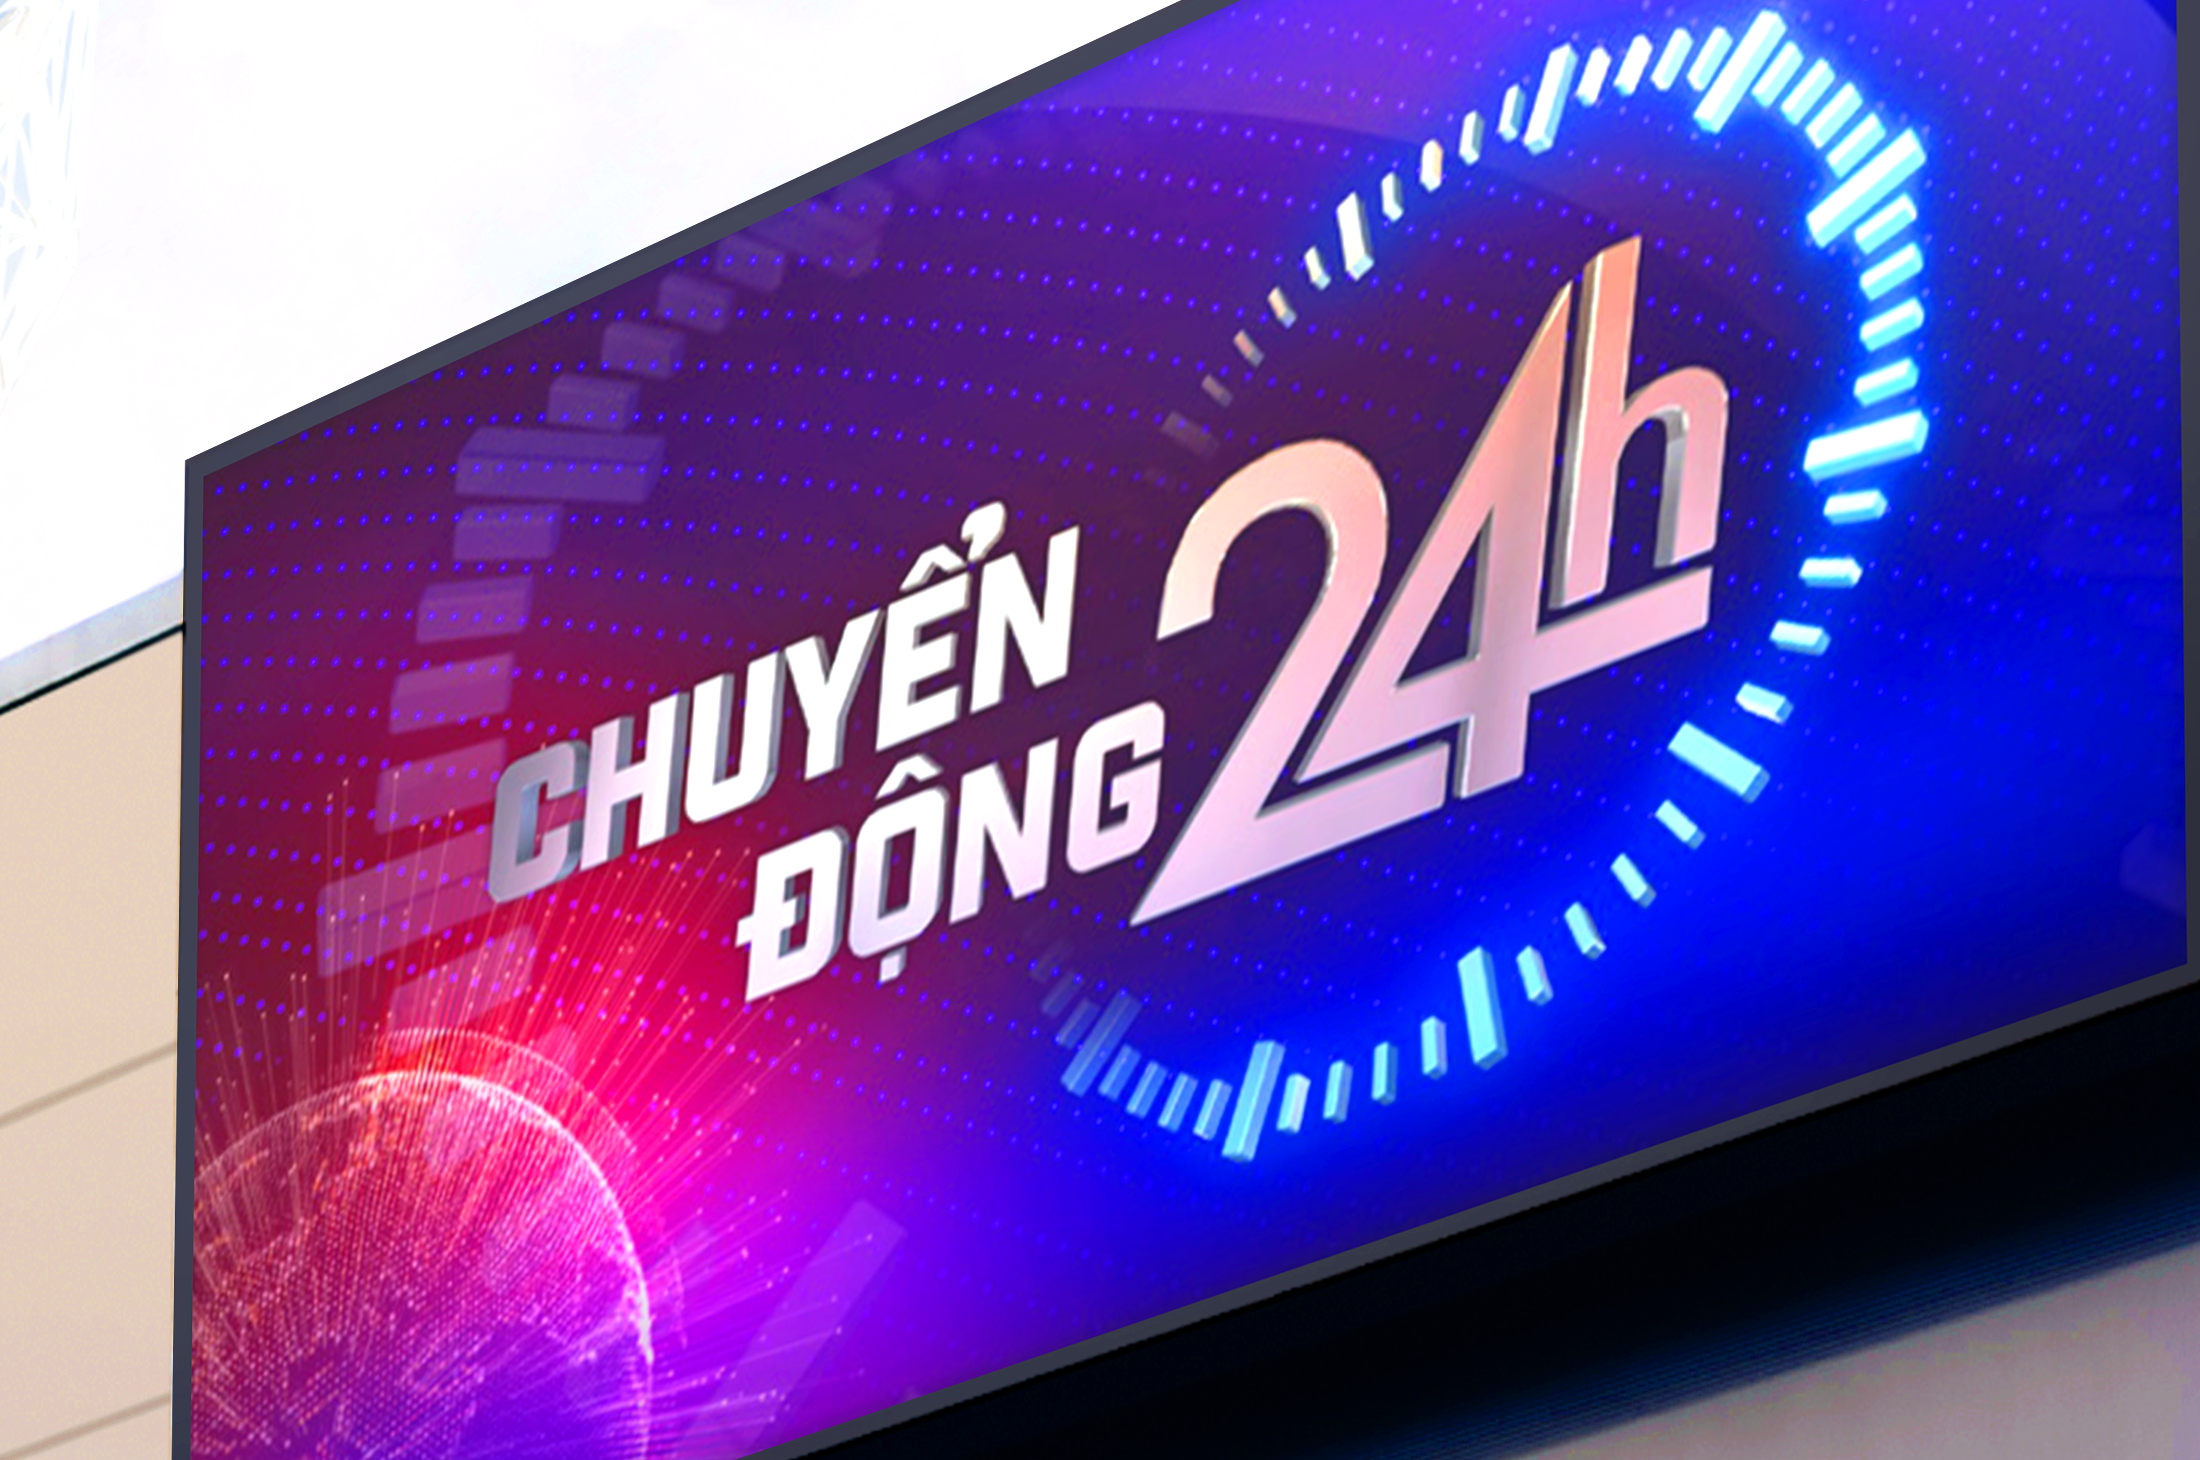 VTV Chuyen dong 24h Brand Development